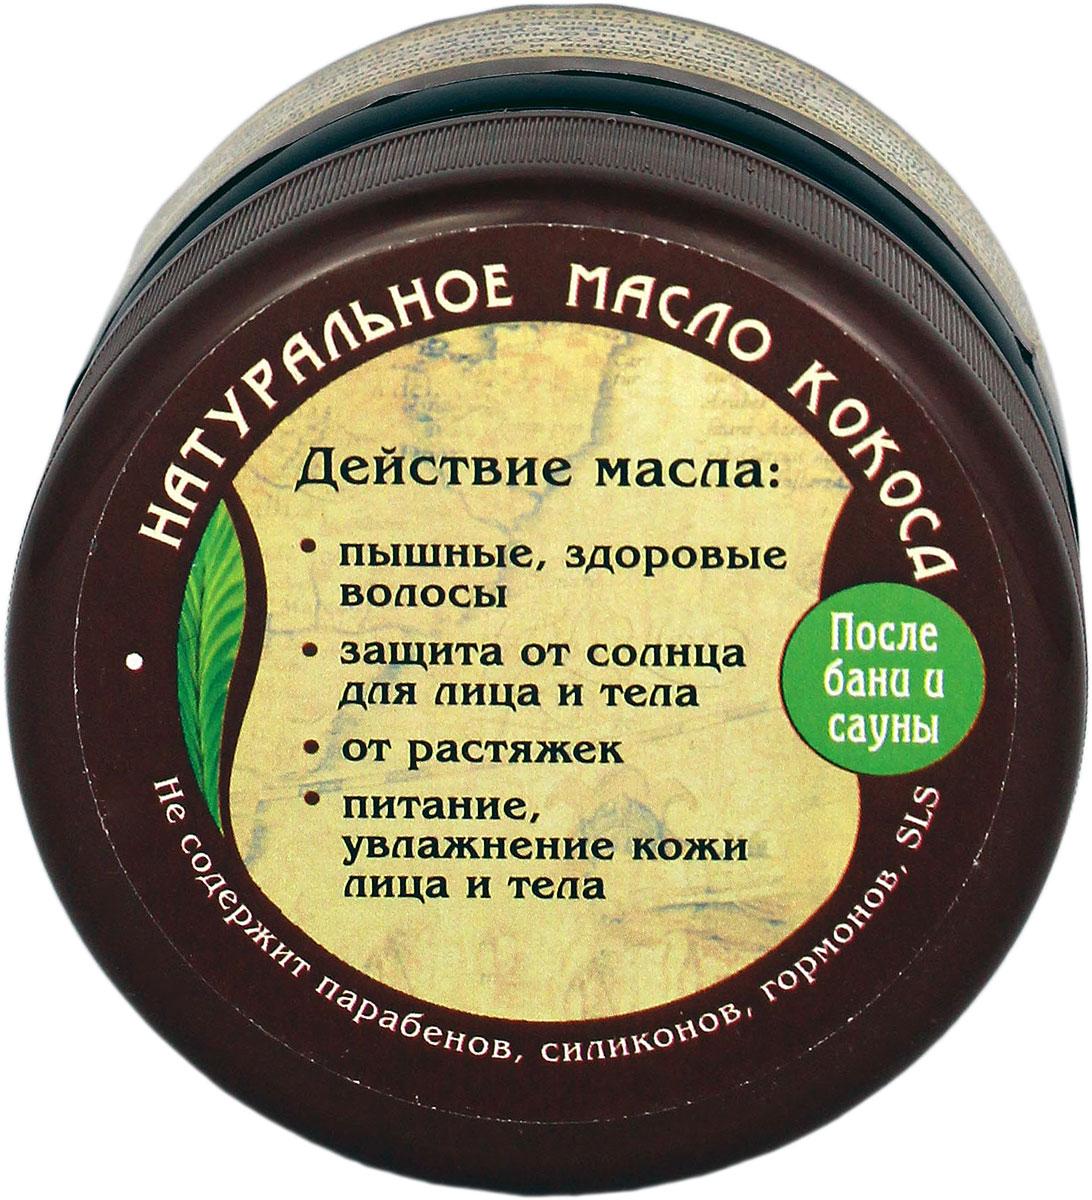 ARS Натуральное масло-баттер Кокос, 75 гАРС-718Масло ARS Кокоса отлично увлажняет кожу любого типа, способствует регенерации верхних слоев эпидермиса, снятию воспаления и раздражения. Масло успокаивает кожу после пребывания на солнце, интенсивно смягчает и питает кожу, предотвращает появление трещин на руках и пятках, а также восстанавливает поврежденные волосы, возвращая им природный блеск и силу.